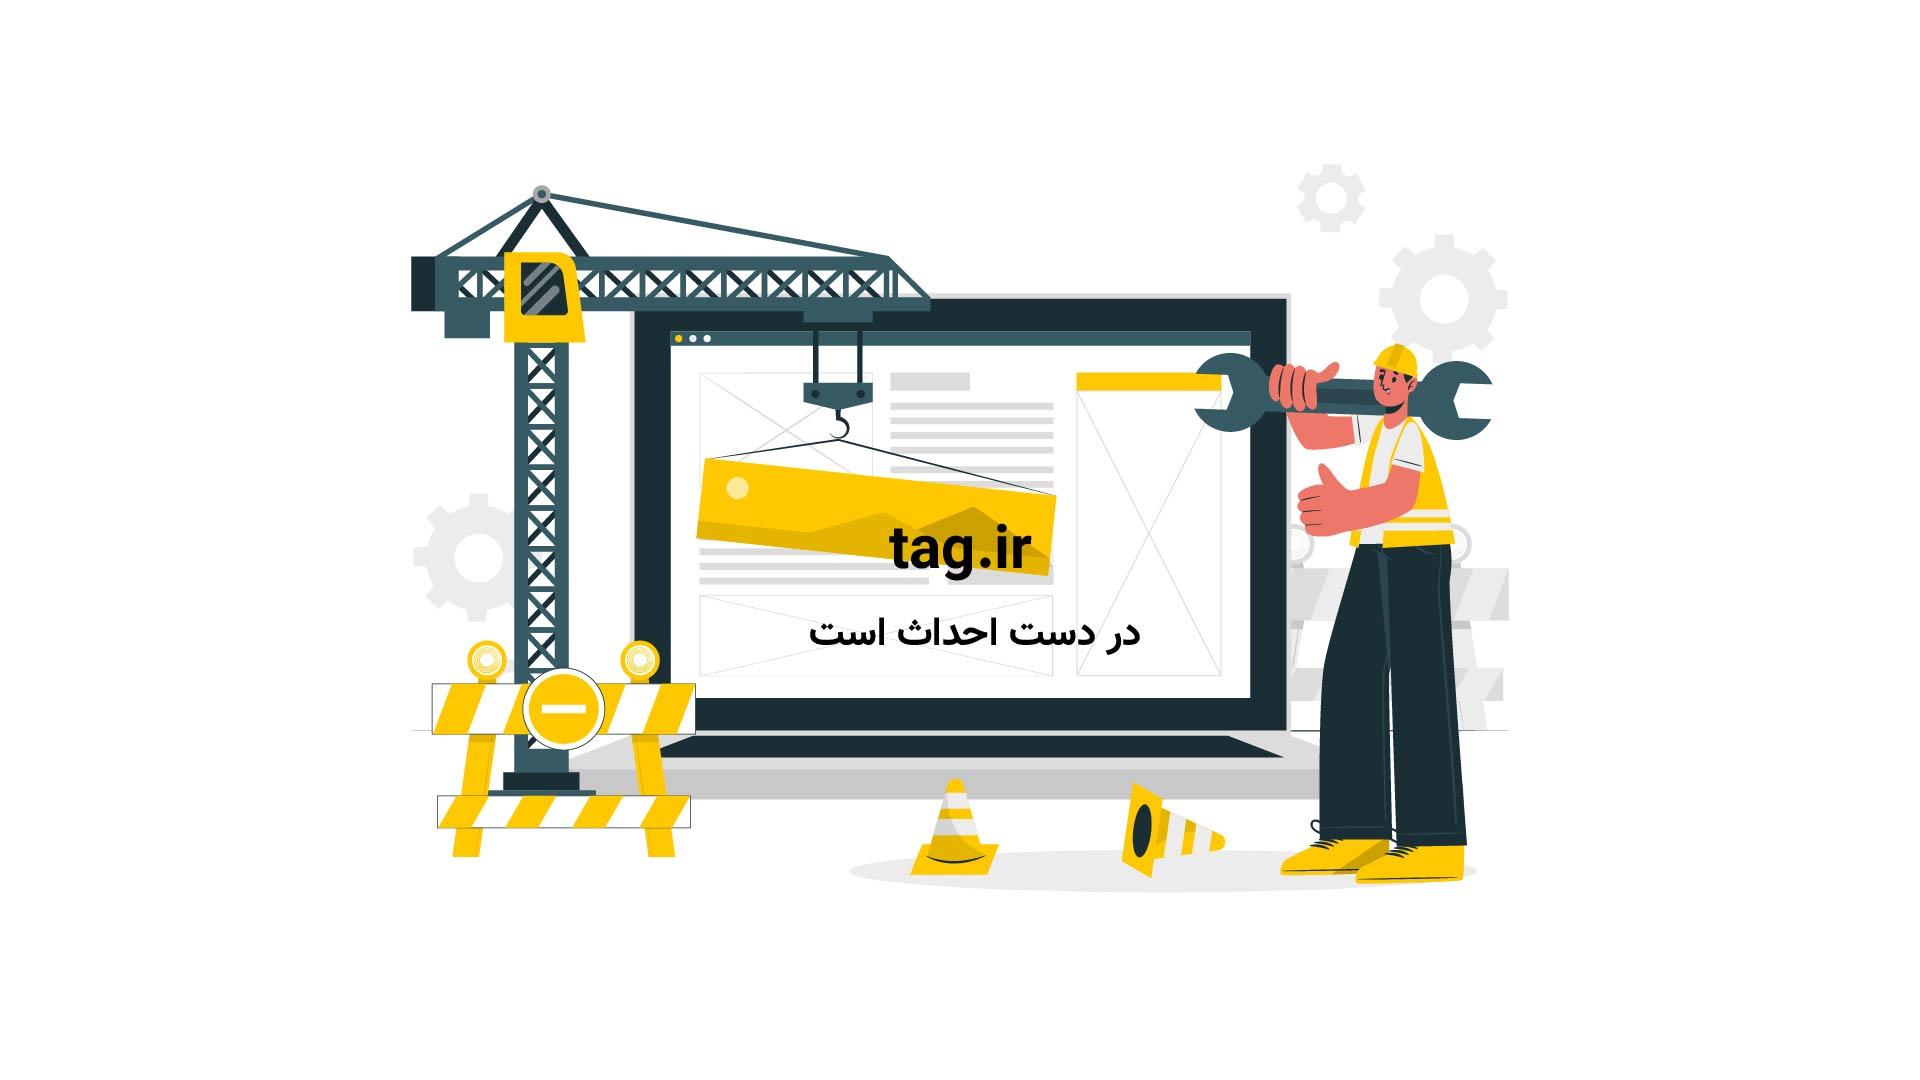 استندآپ کمدی مهران مدیری در رابطه با تغییرات آموزشی مدارس | فیلم